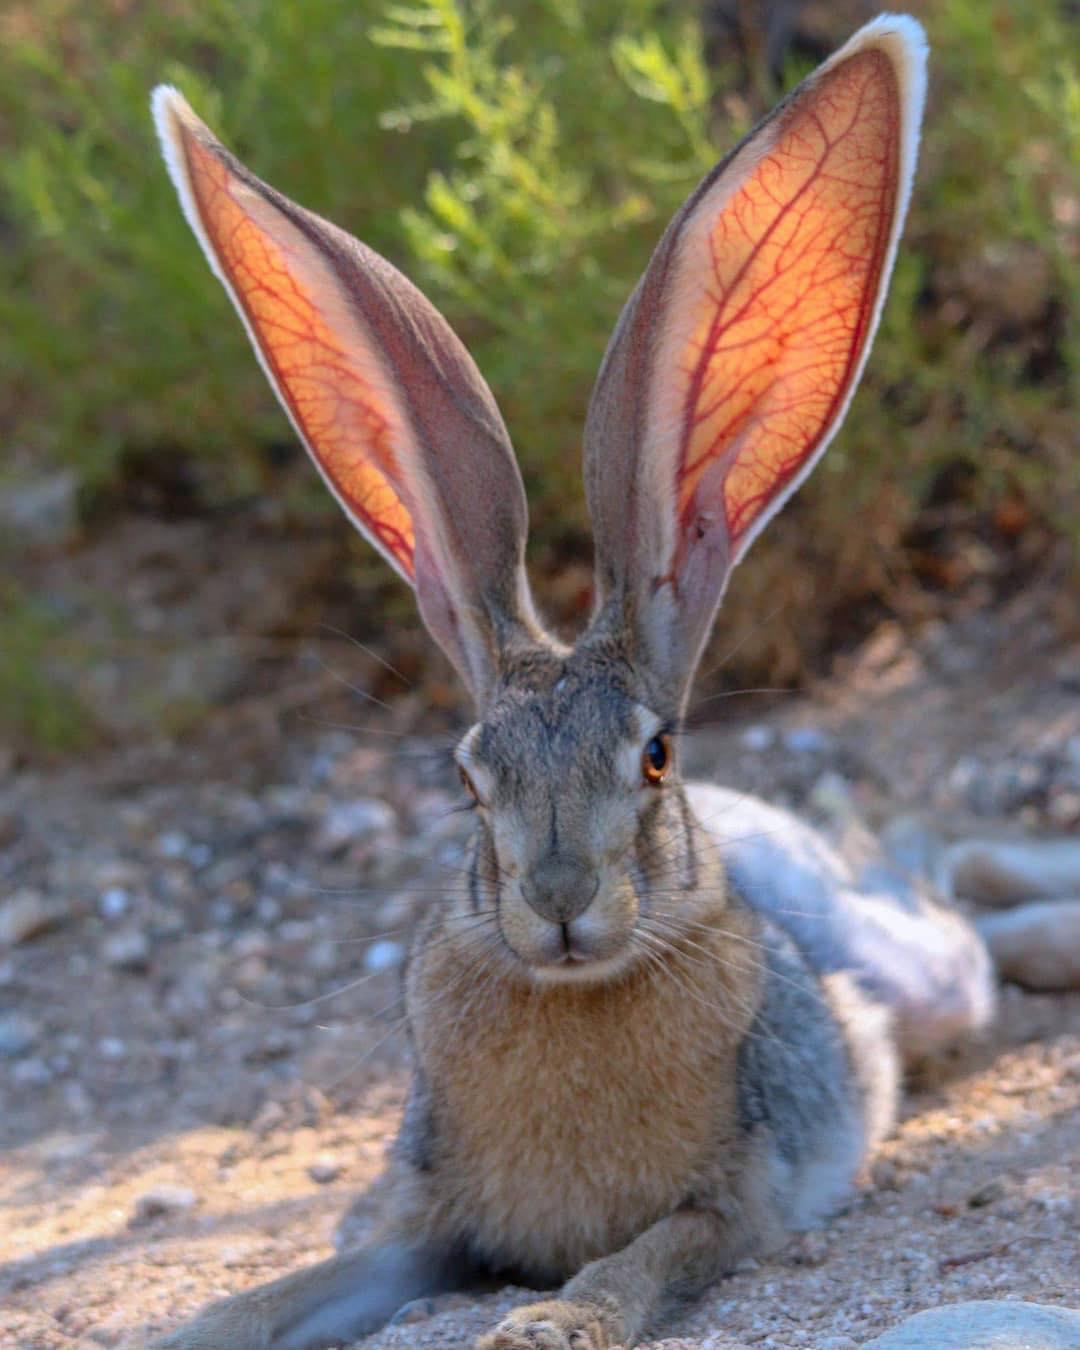 290yzwwelot21 - 18 фотографий животных, которые на своём примере показывают, что размеры познаются в сравнении